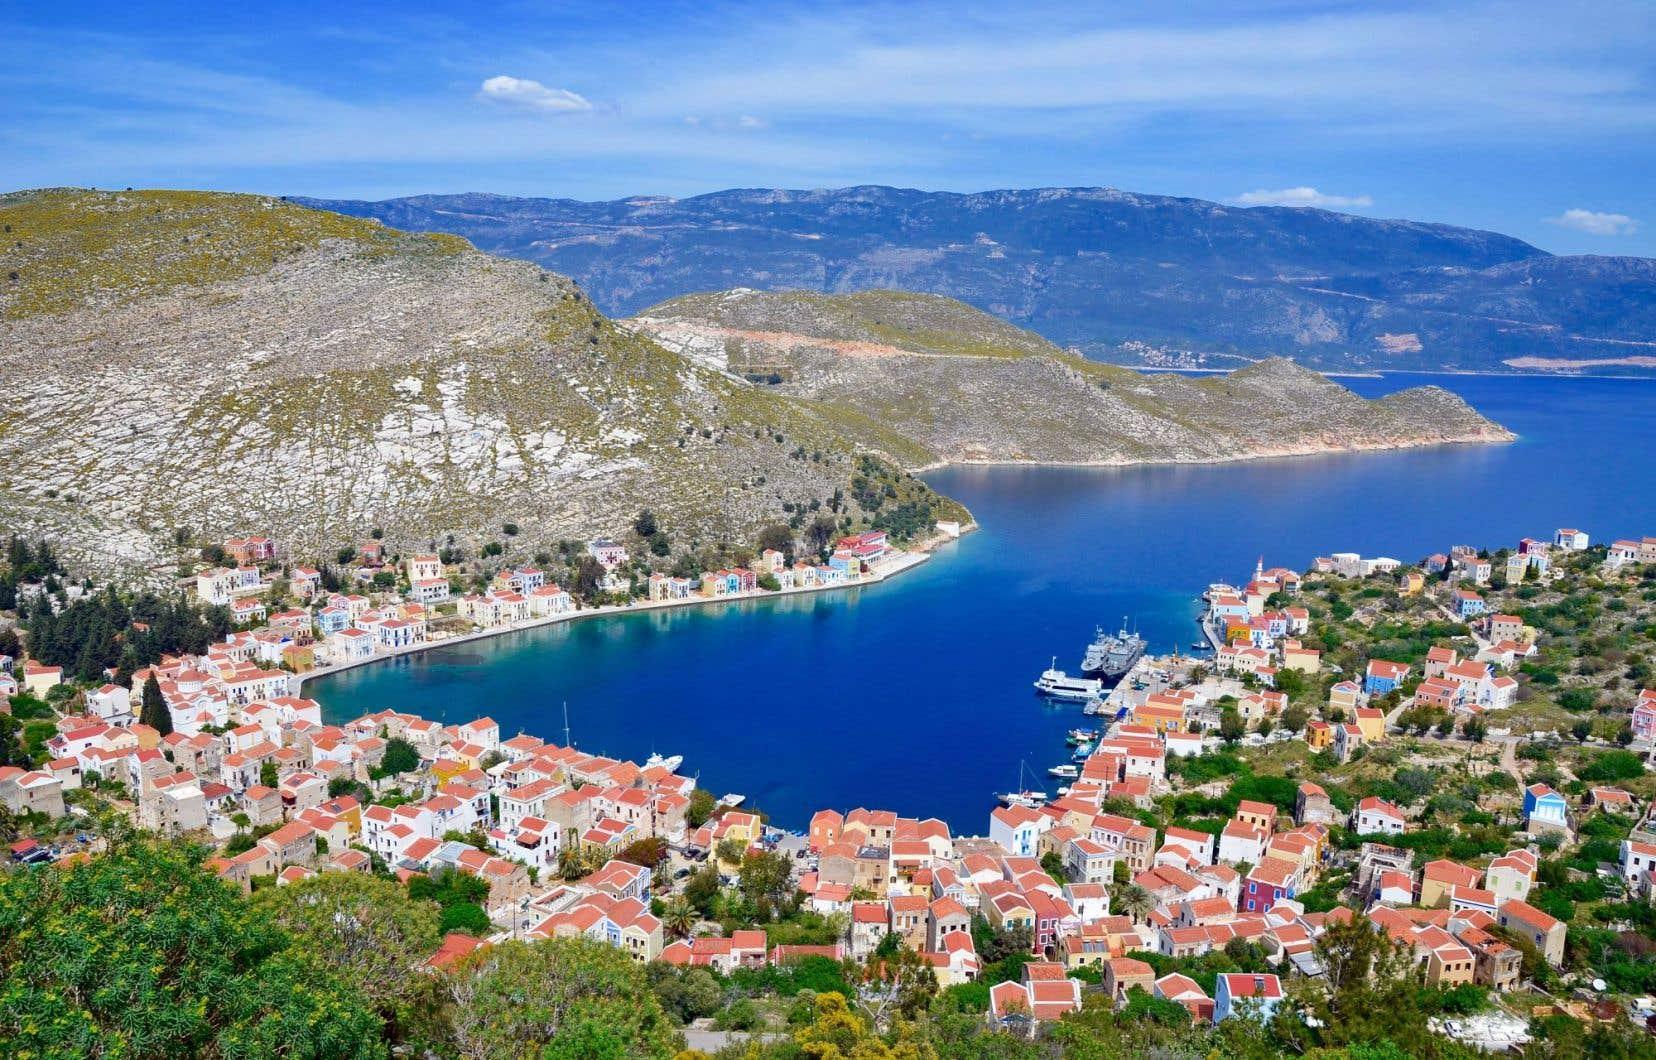 Du sommet de la falaise, vue sur le port en amphithéâtre, les maisons aux toits de tuiles rouges, la mer Méditerranée et la cité de Kas, en face, avec ses maisons blanches posées sur les Taurus qui se jettent dans la mer.